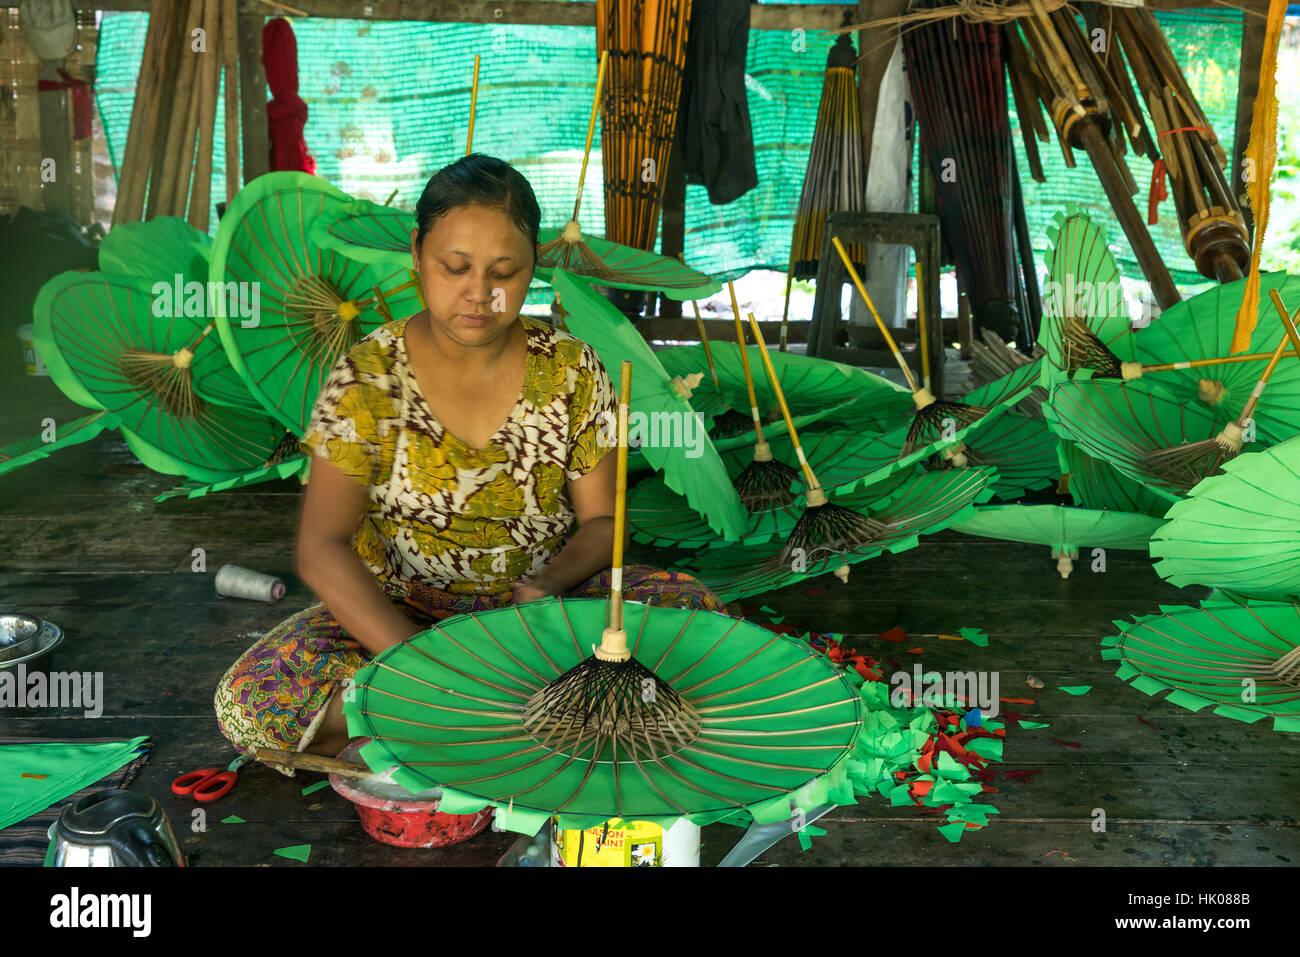 Werkstatt Für Die Berühmten Bunton Schirme Htee in Pathein, Myanmar, Asien |  Regenschirm-Workshop für Stockbild